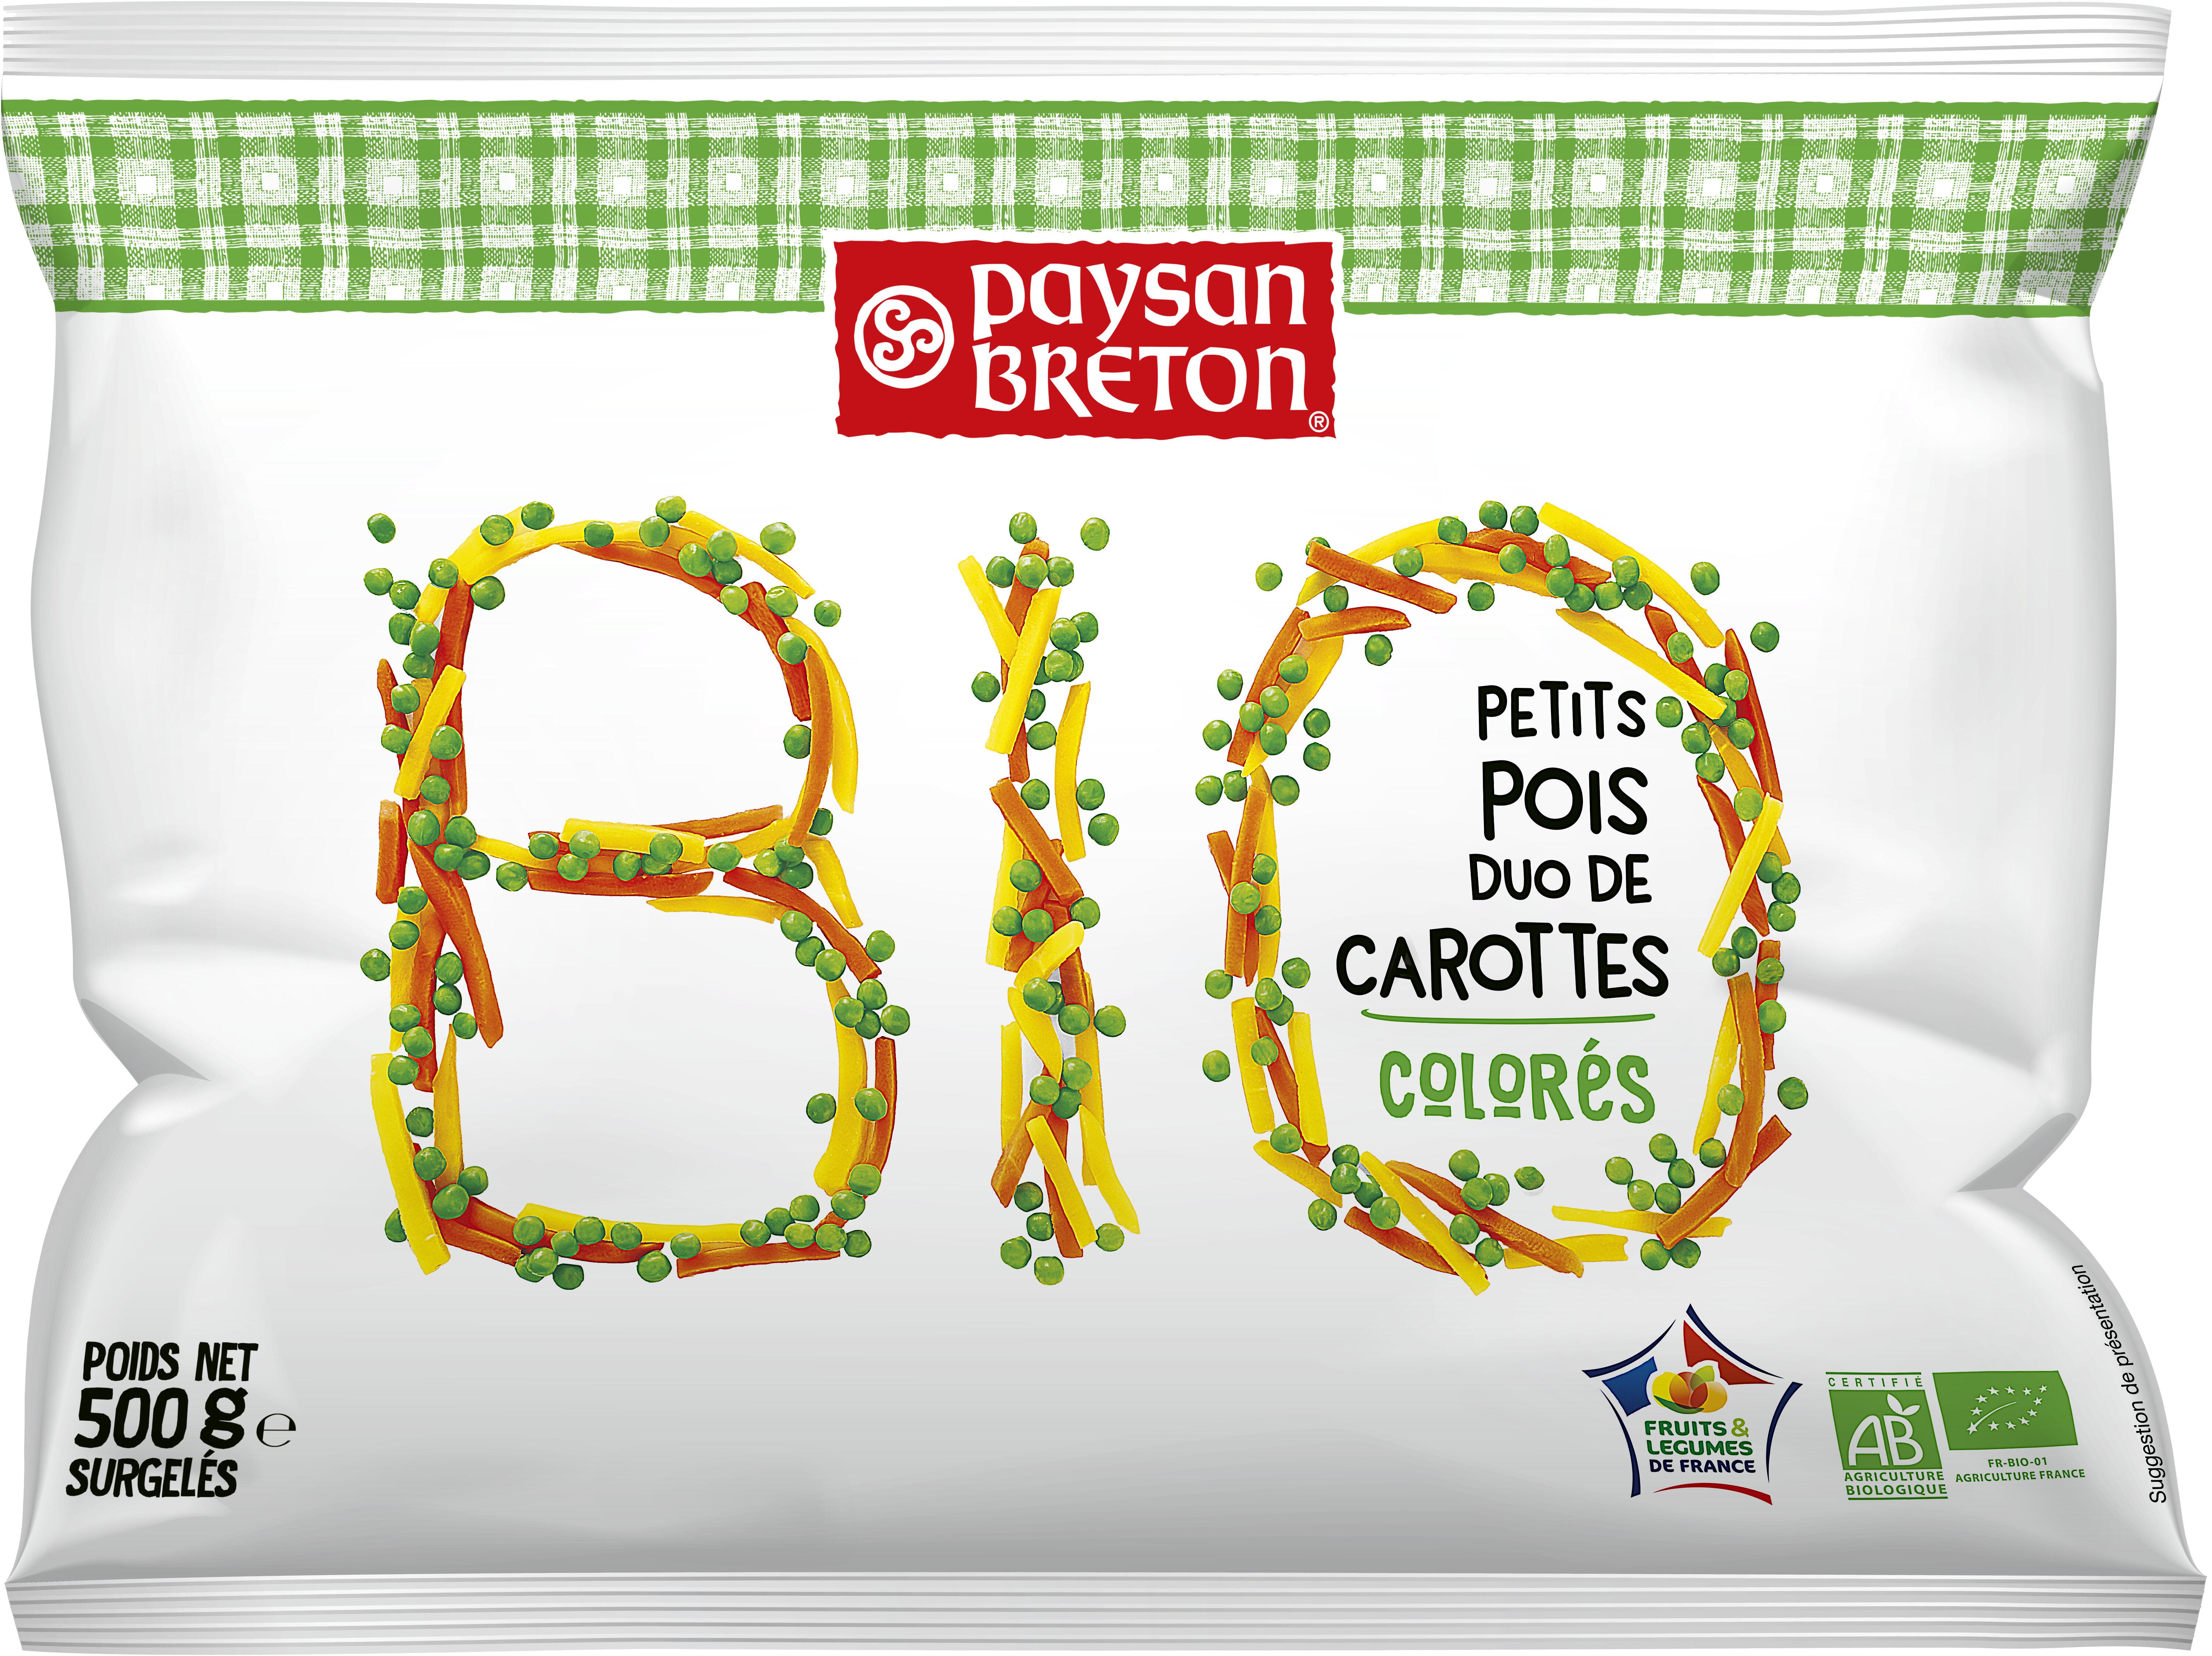 Petits Pois duo de carottes - Produit - fr